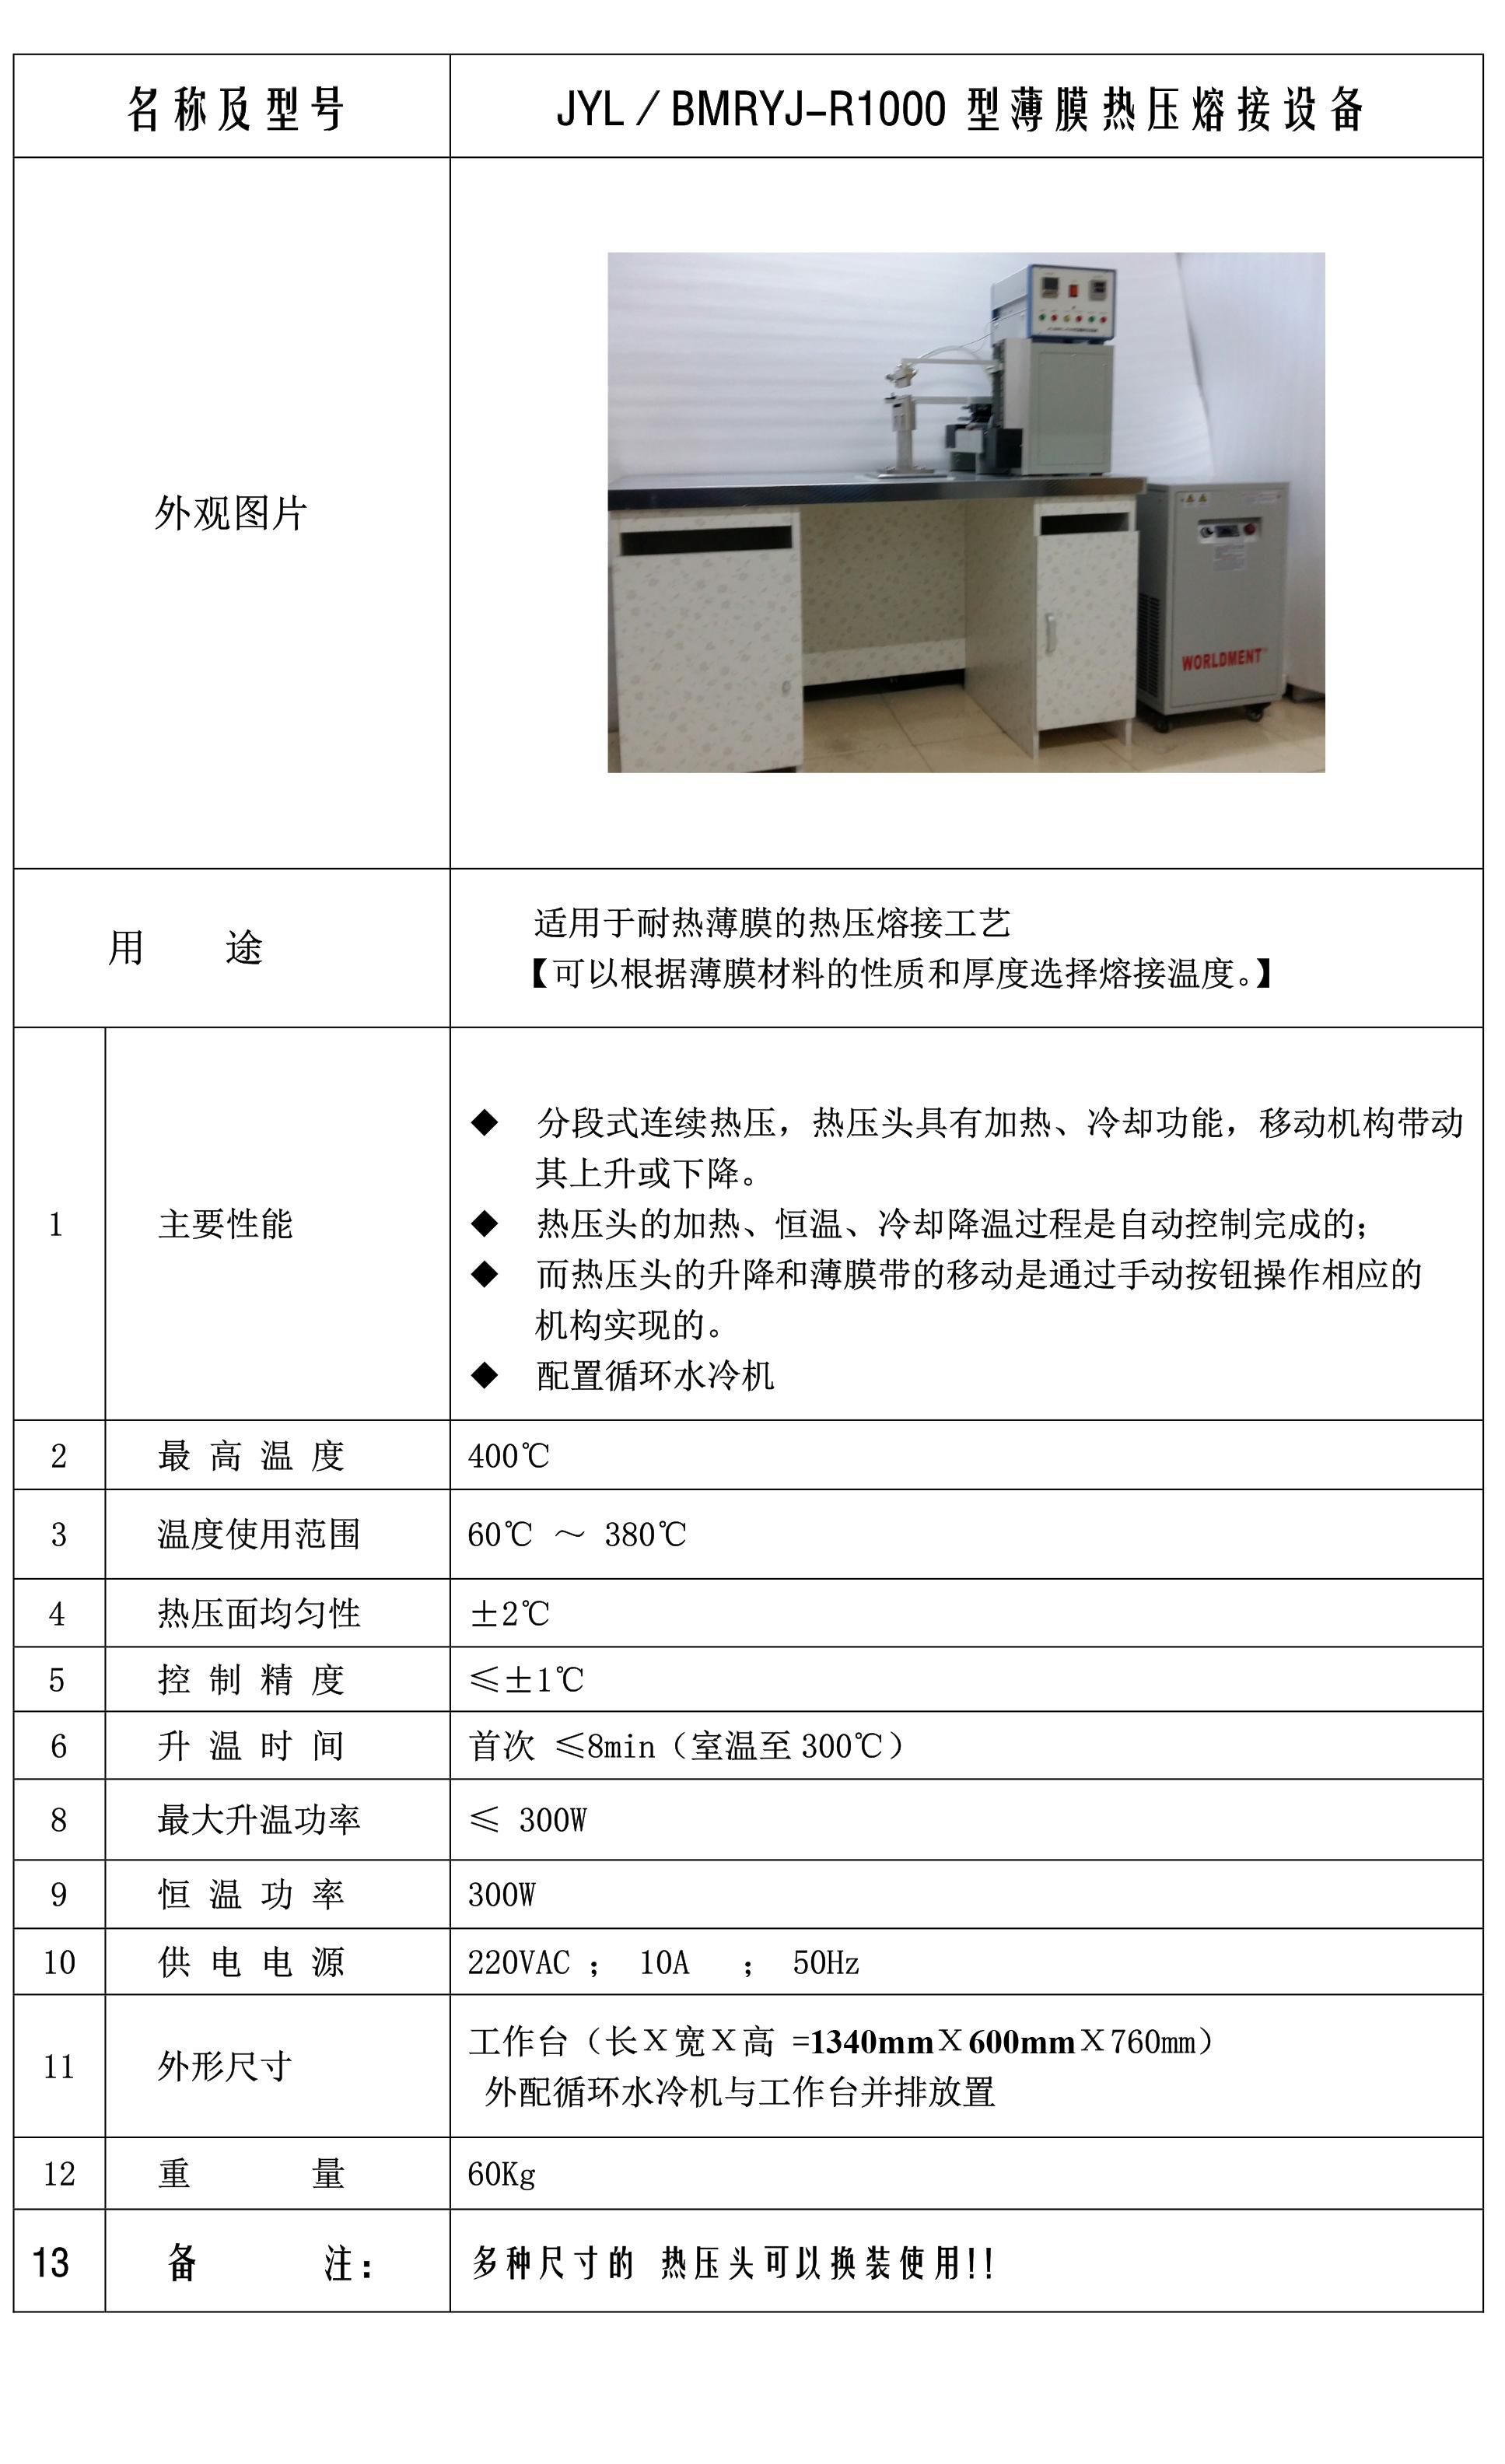 网站产品参数图片-007薄膜熔接